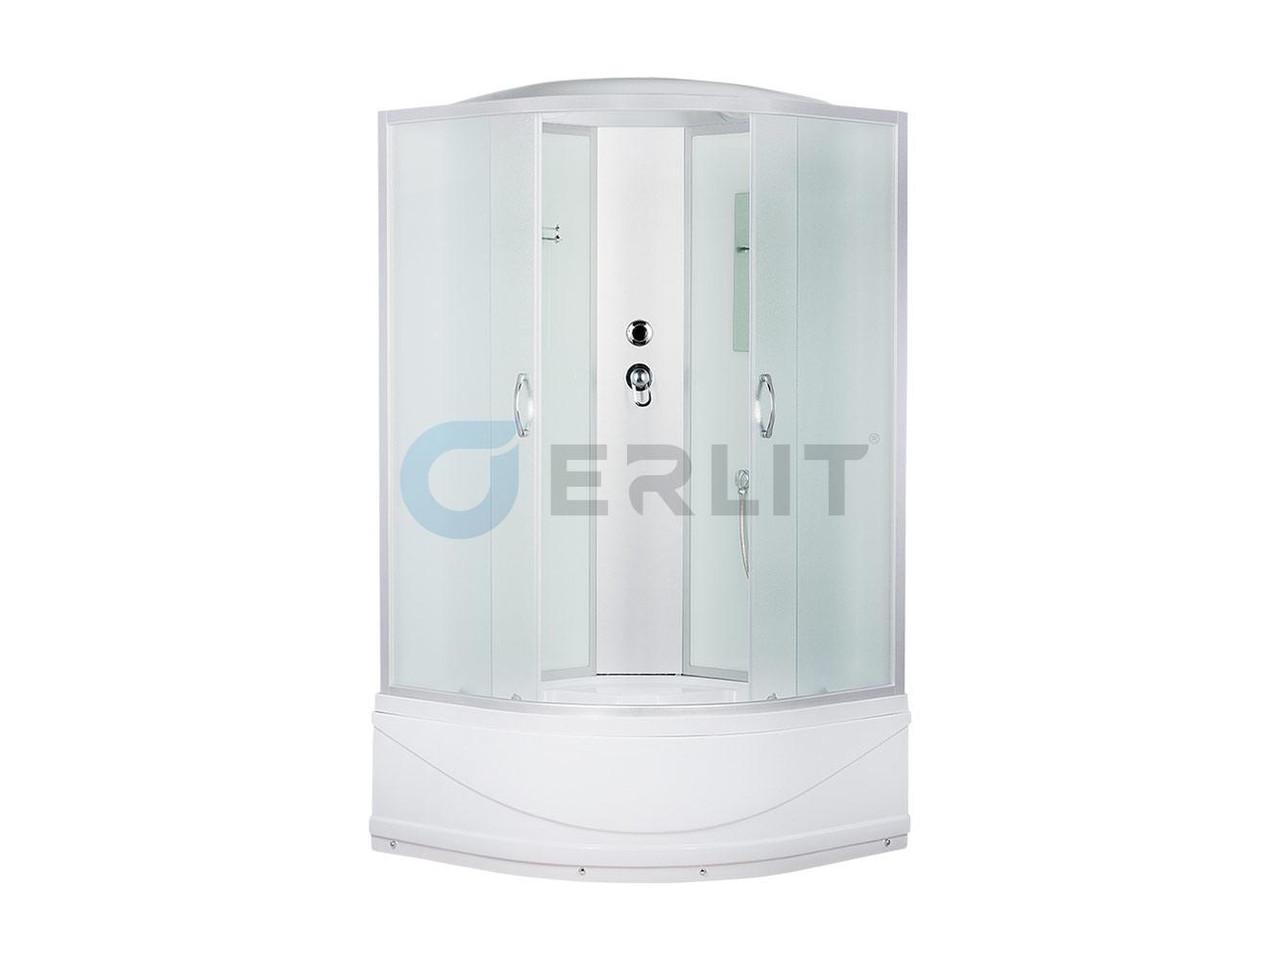 Душевая кабина Erlit ER3510TP - C3 1000*1000*2150 высокий поддон, светлое стекло